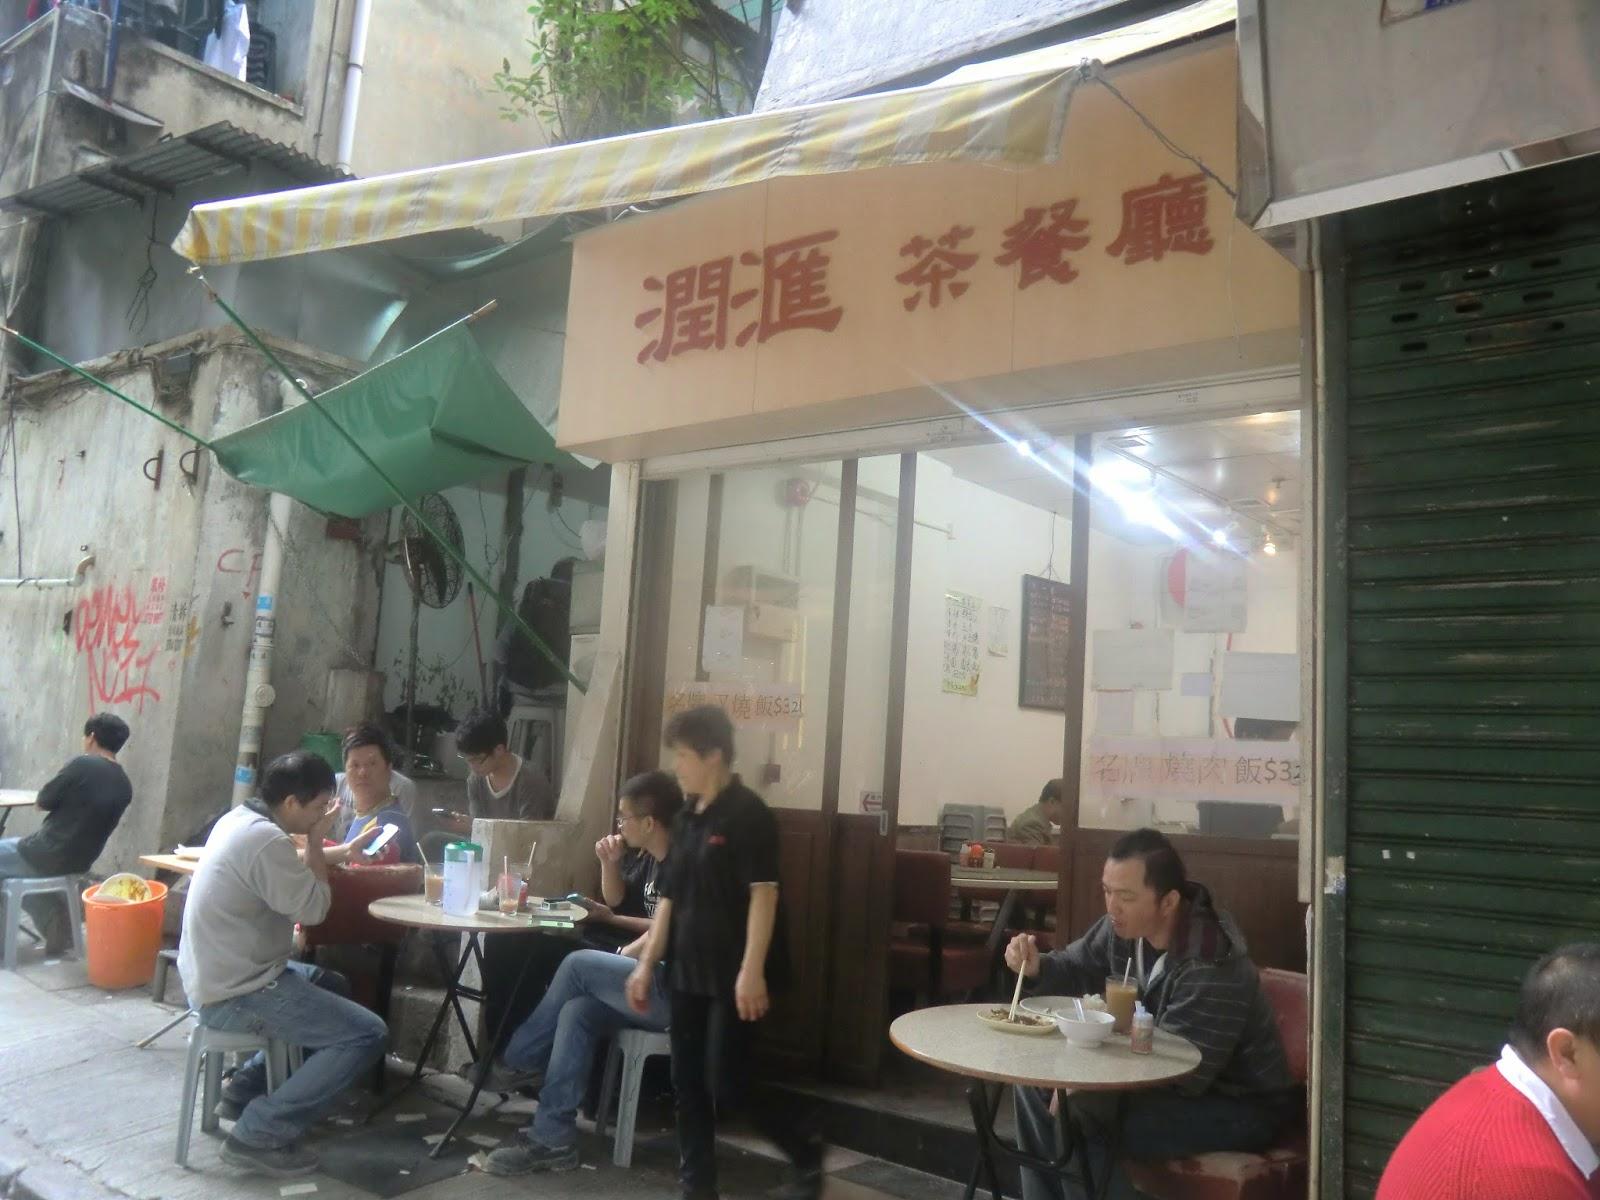 尋找隱世的味道 - 陳真的飲食誌: 吃在舊城窄巷 - McGregor Street 潤匯茶餐廳